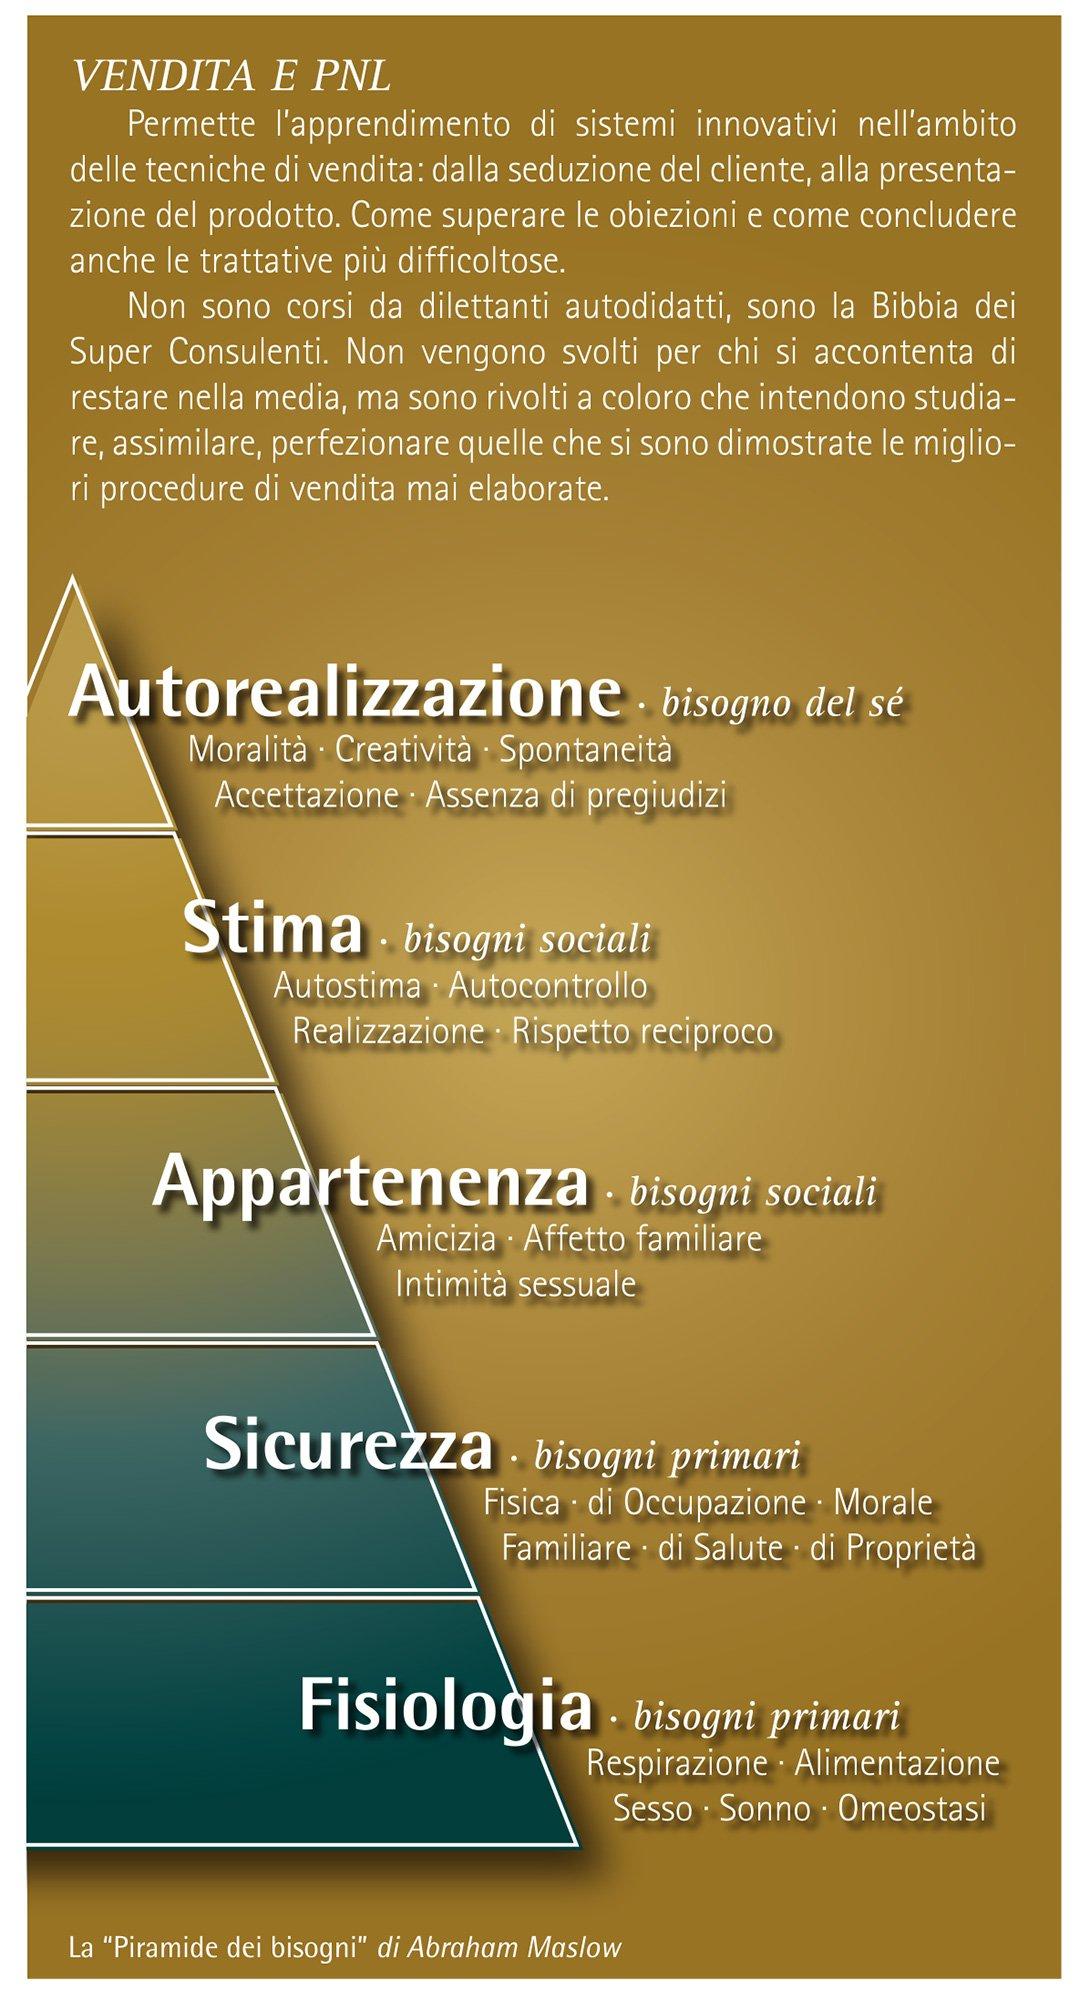 Grafico Vendita e Pnl - T&C | Training and Consulting